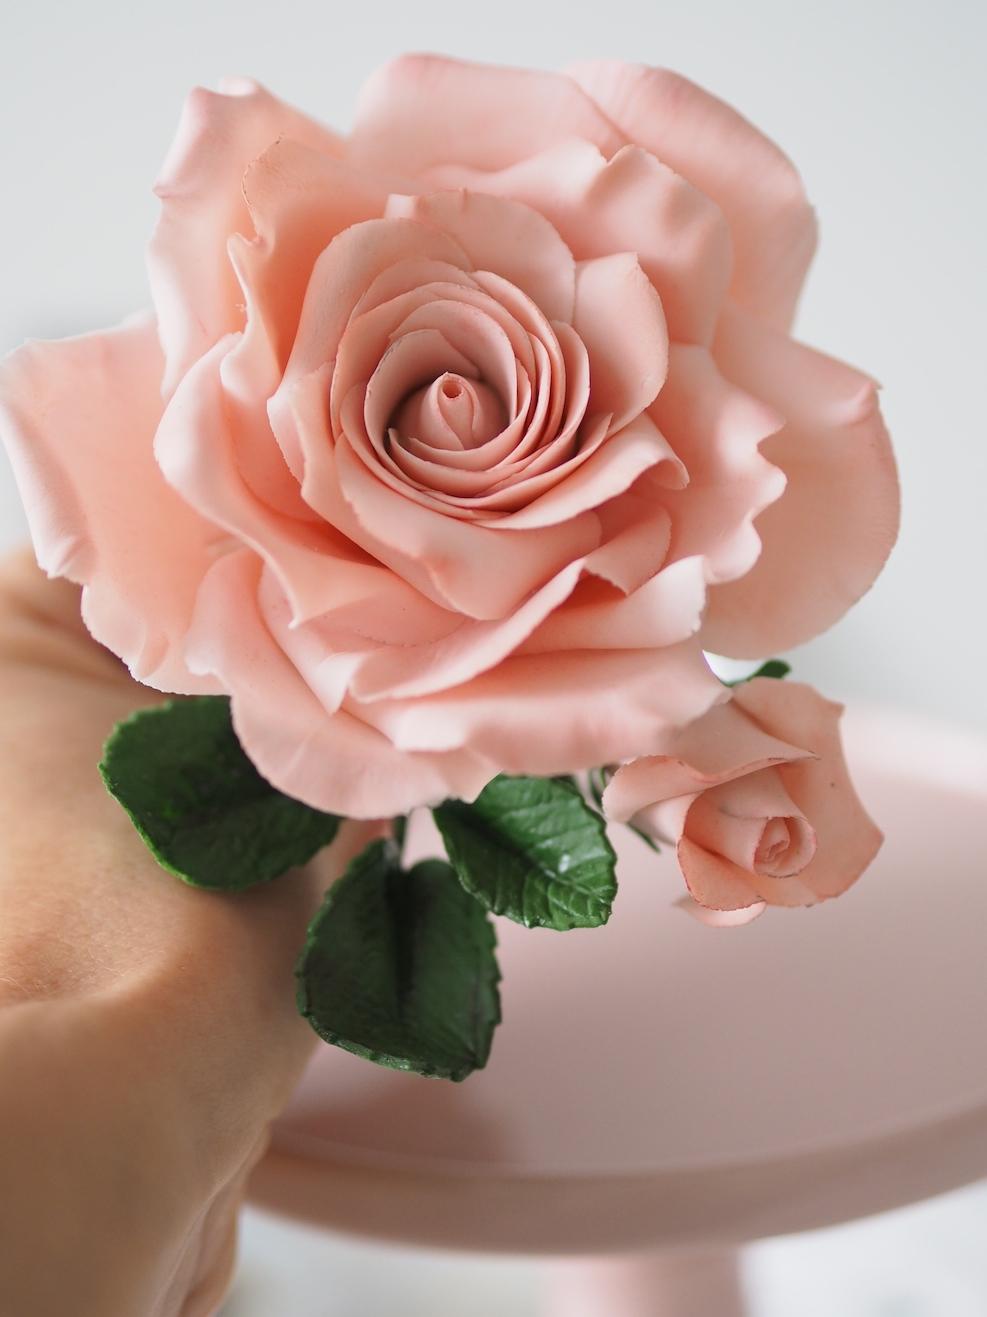 Langoitettu Ruusu ja asiaa kukkamassasta